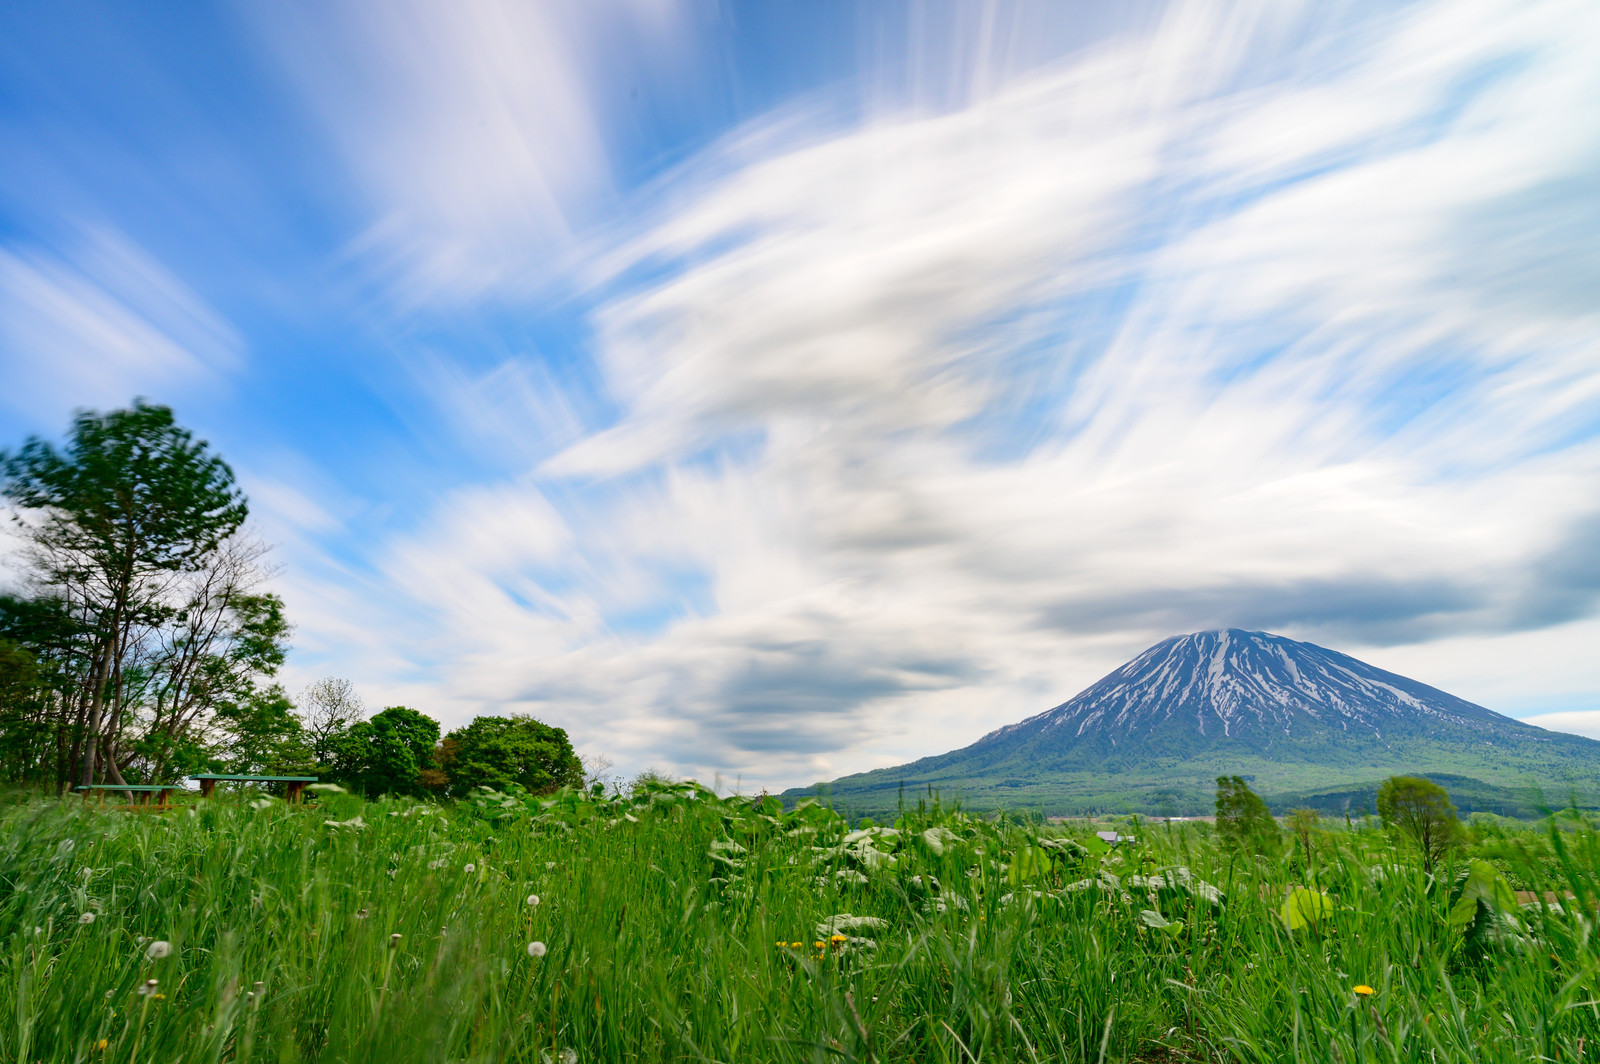 「草原から望む後方羊蹄山(しりべしやま)」の写真